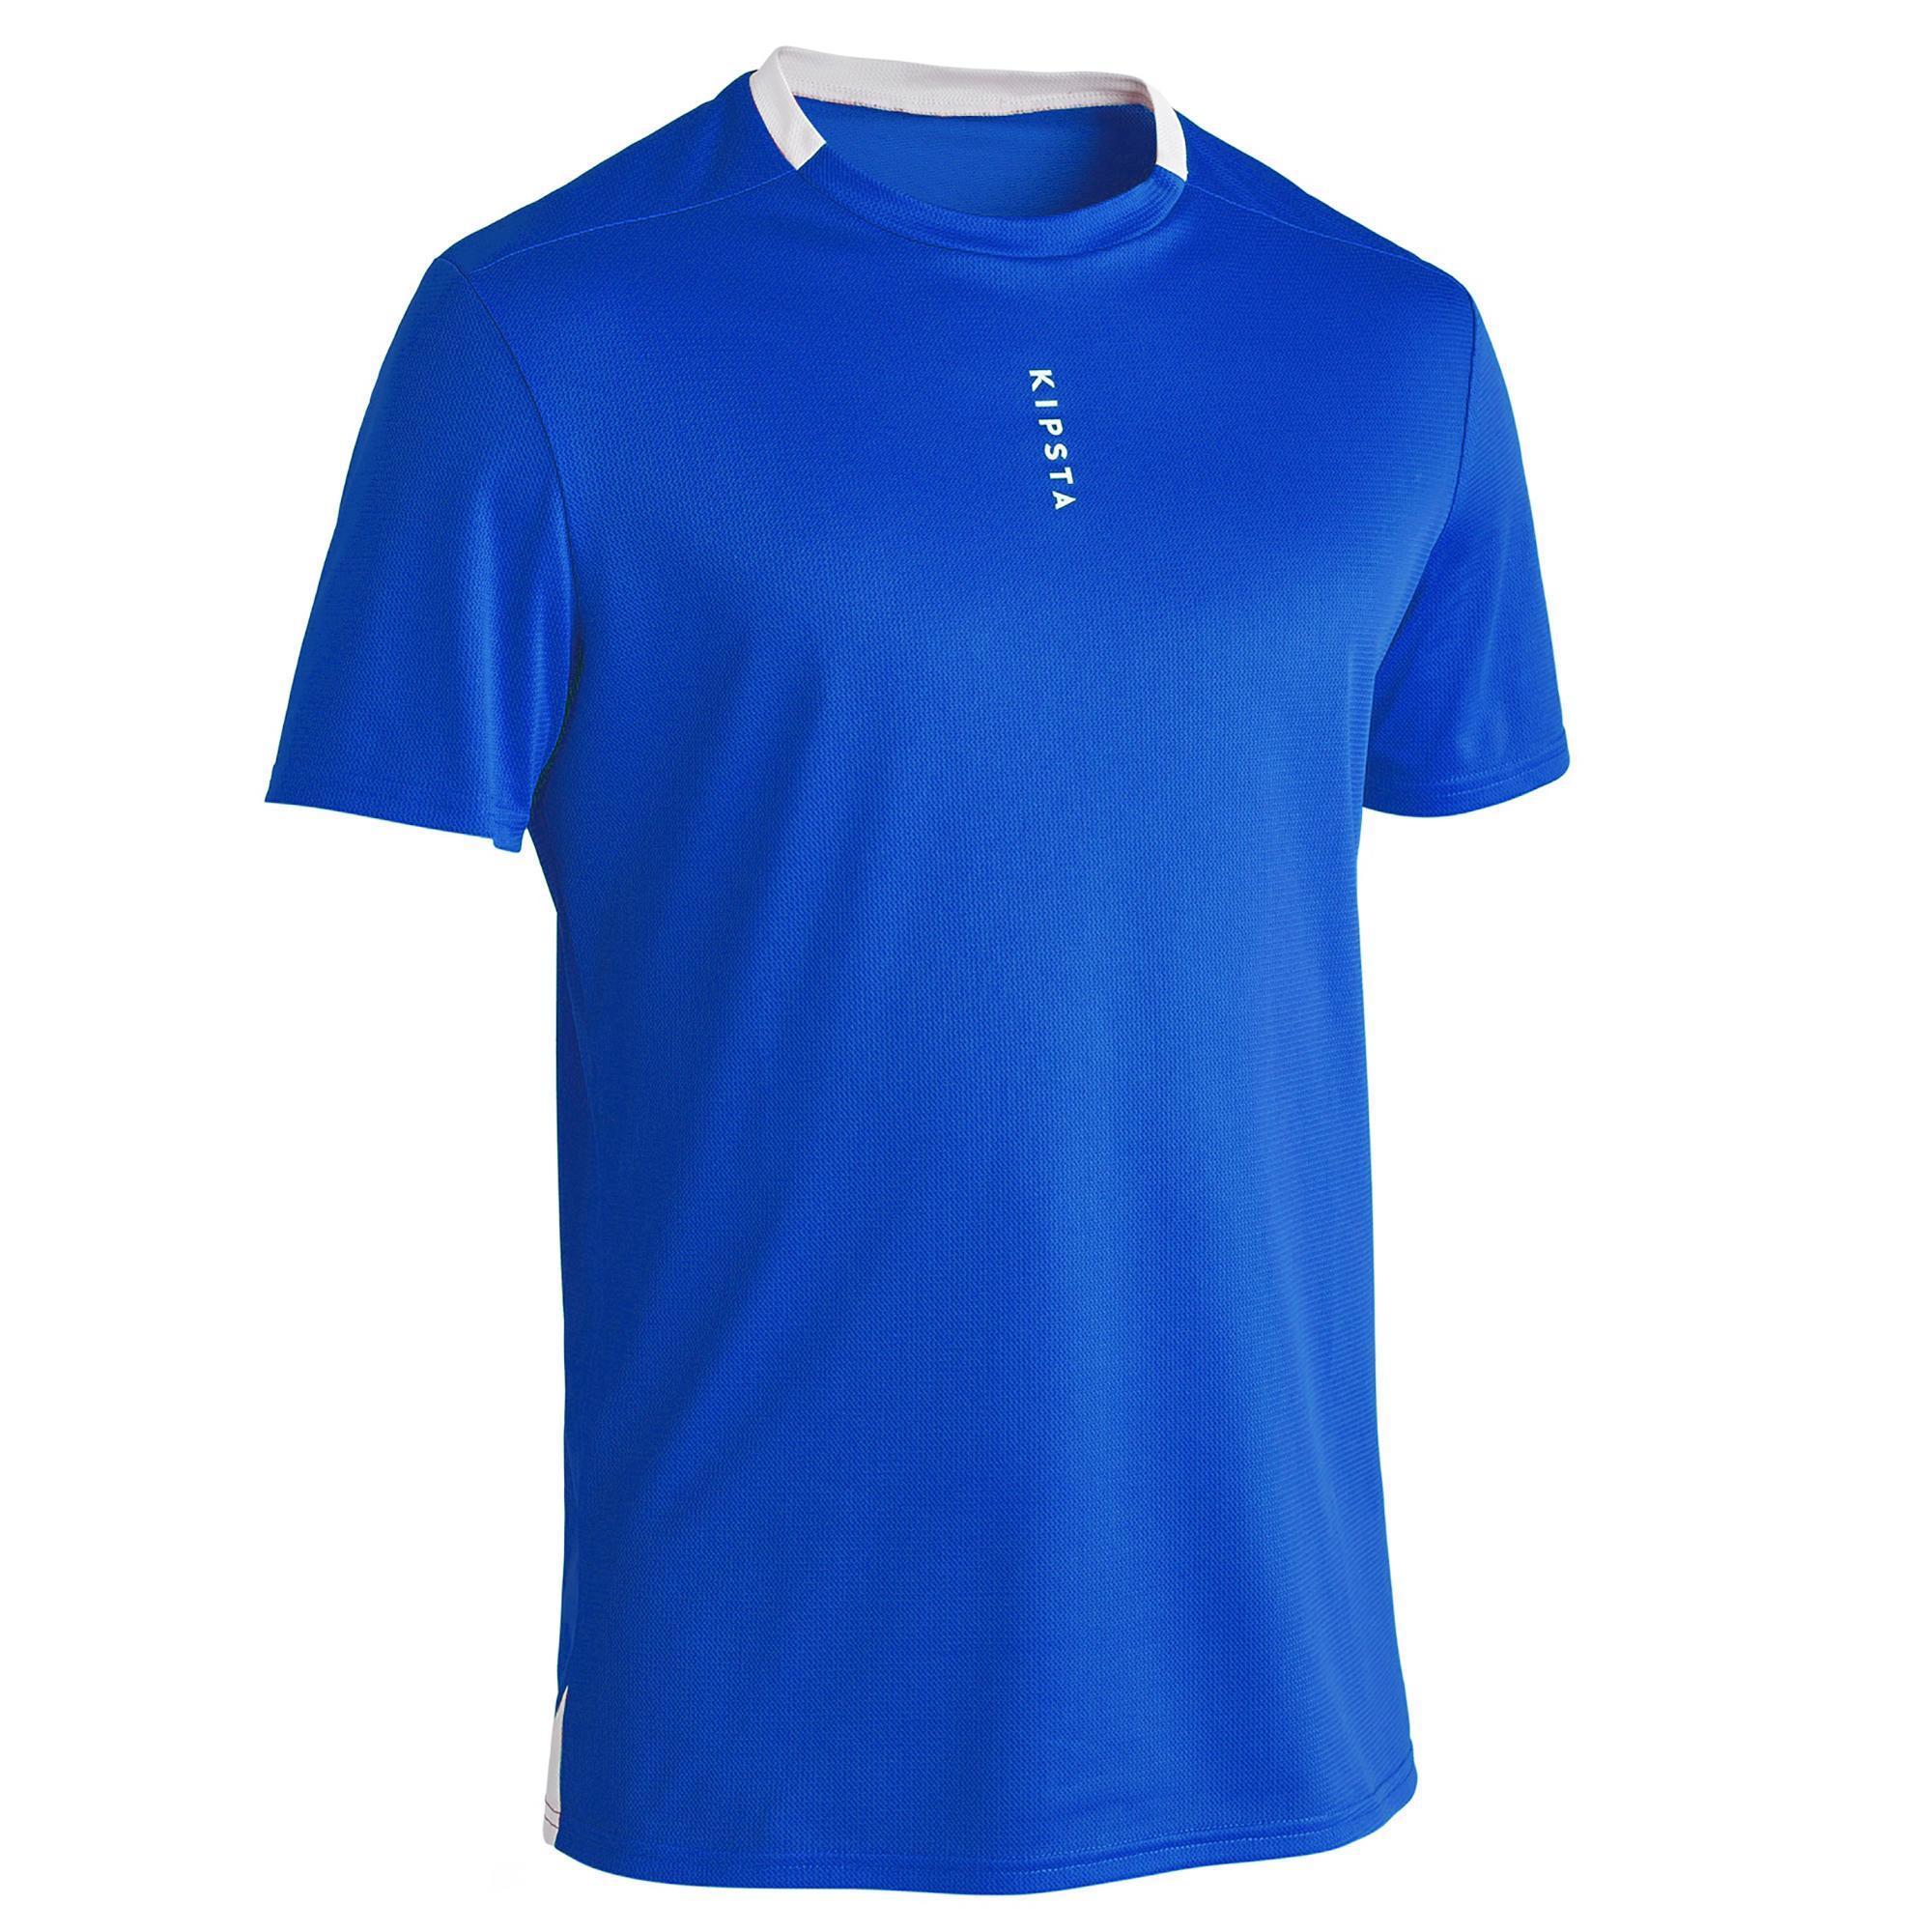 Kipsta Voetbalshirt F100 blauw